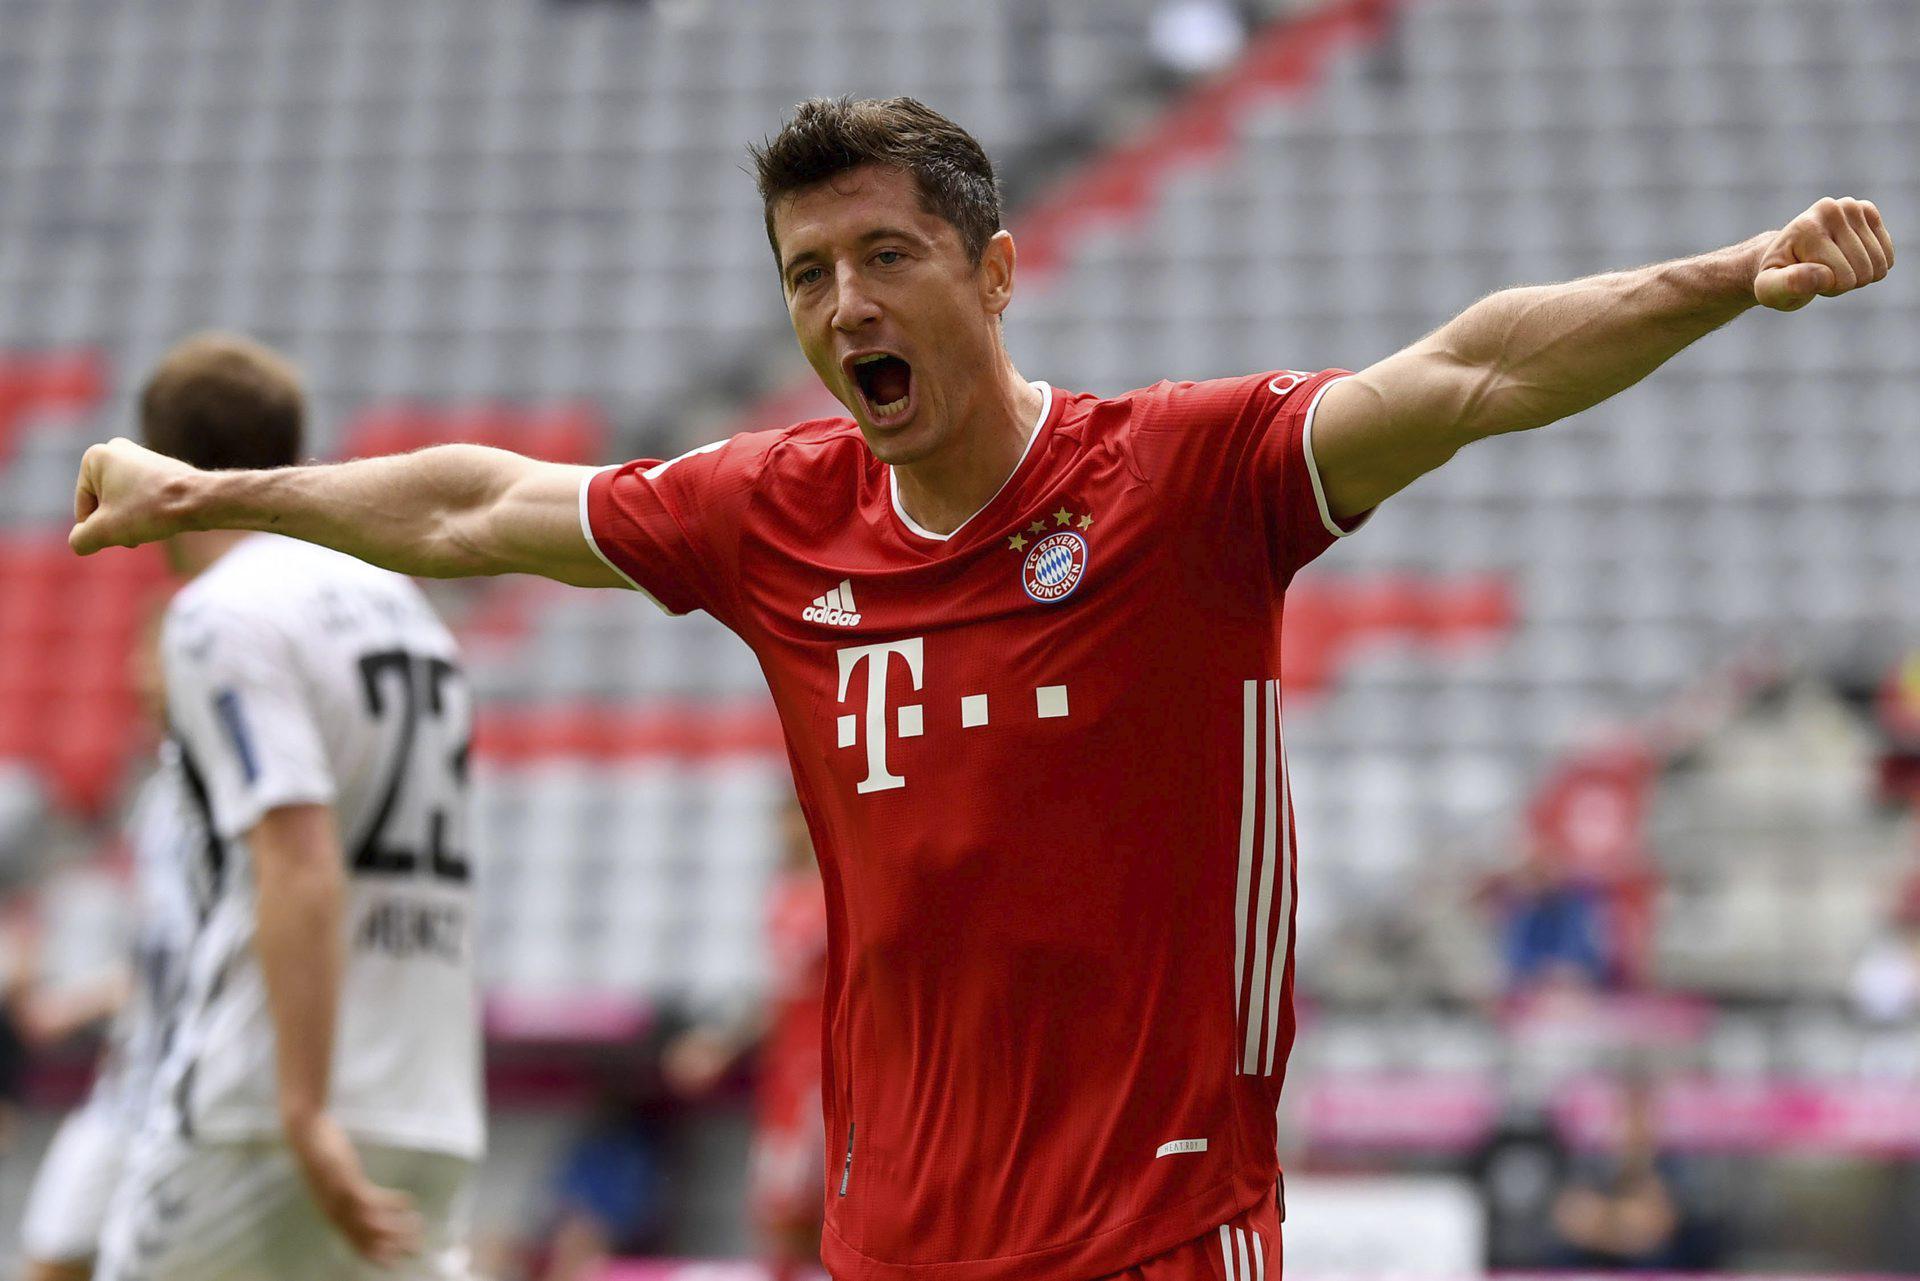 Bayern - Chelsea TV NA ŻYWO TRANSMISJA Liga Mistrzów: GDZIE OBEJRZEĆ Bayern - Chelsea w TV Na jakim programie mecz Bayernu dzisiaj 8.08.2020 - Super Express